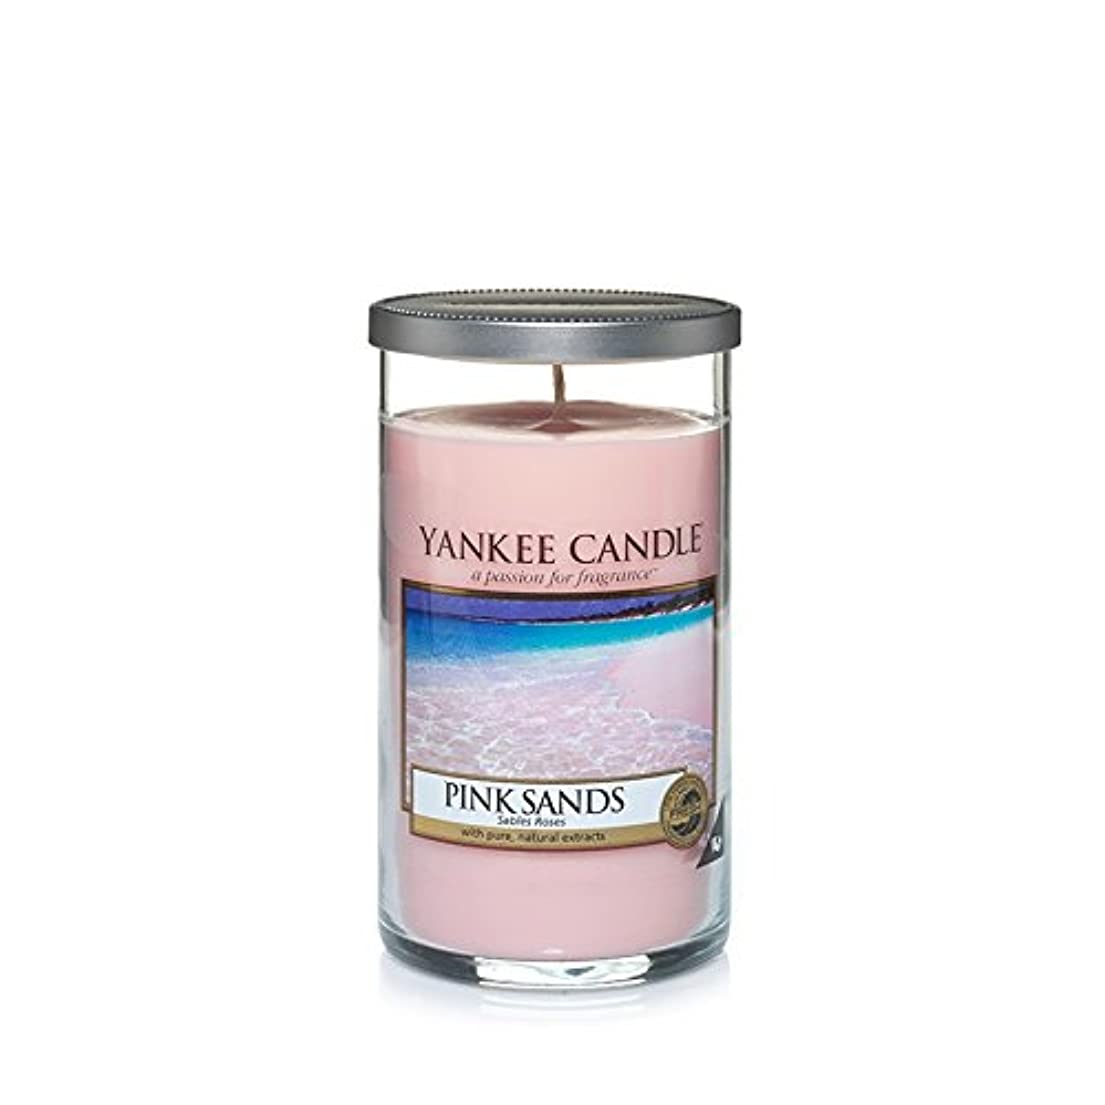 脆いモディッシュシャッターYankee Candles Medium Pillar Candle - Pink Sands? (Pack of 2) - ヤンキーキャンドルメディアピラーキャンドル - ピンクの砂? (x2) [並行輸入品]